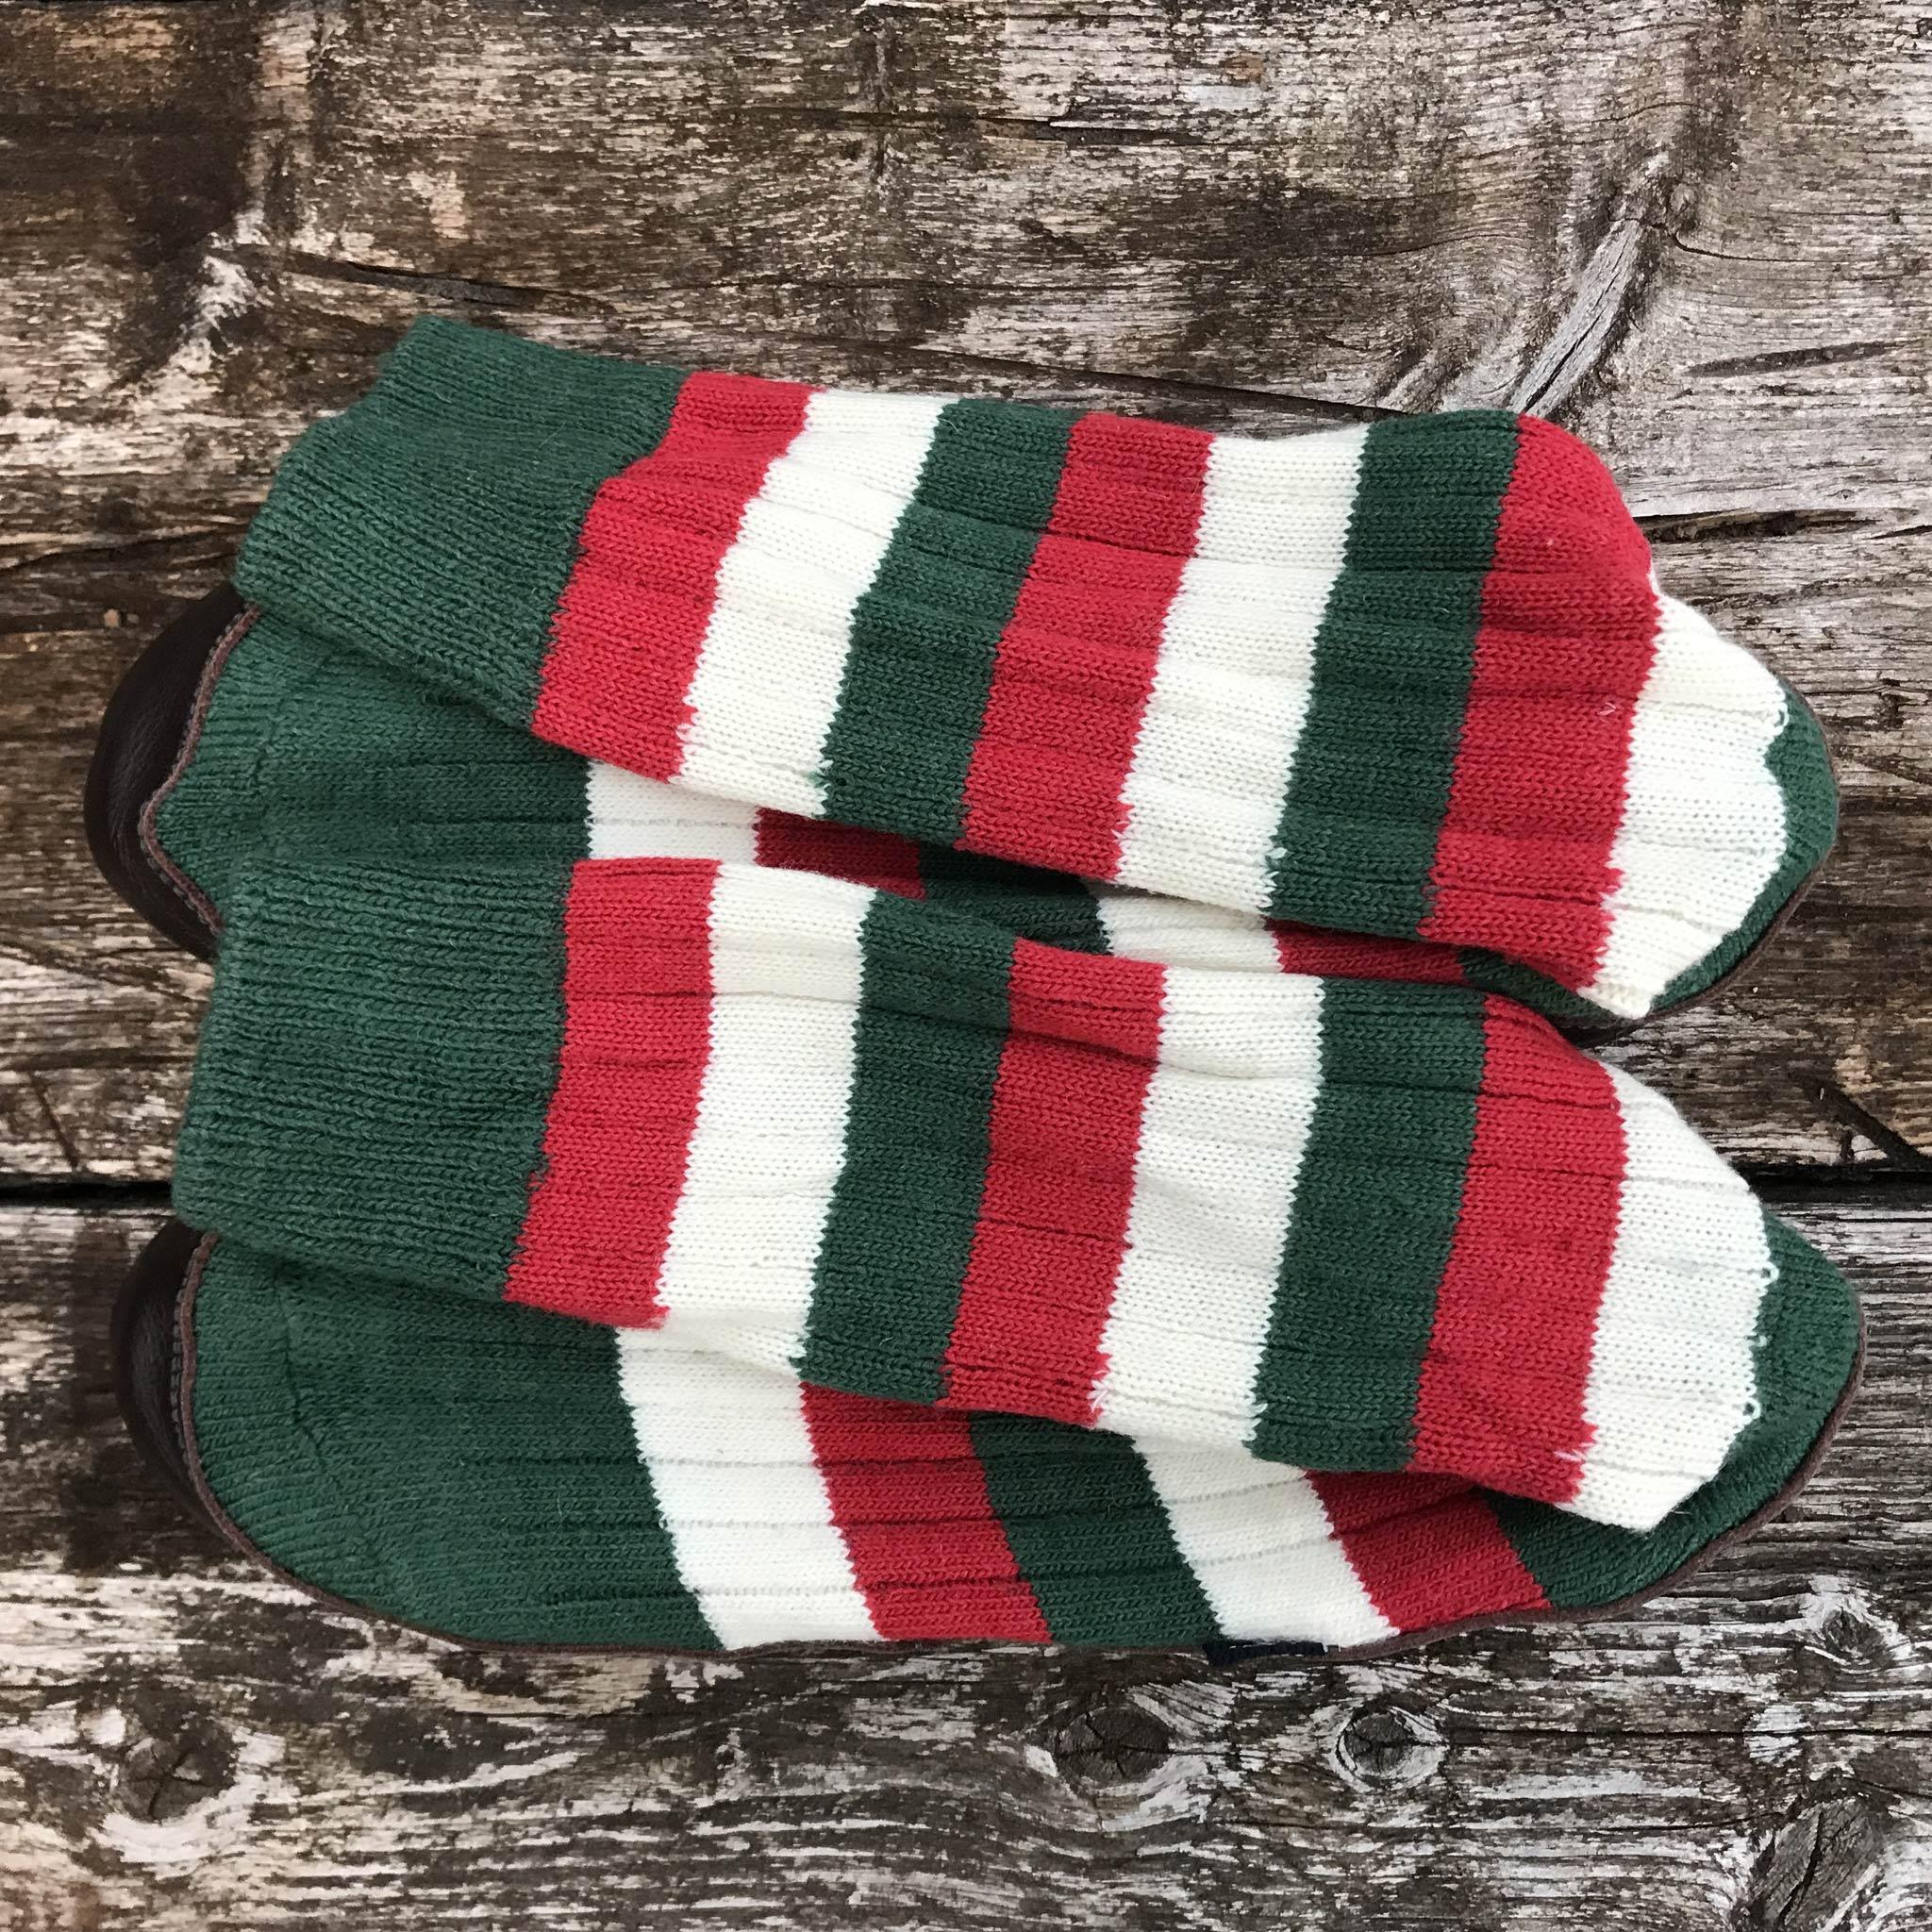 Slipper Sock red, green, white stripe - overhead view